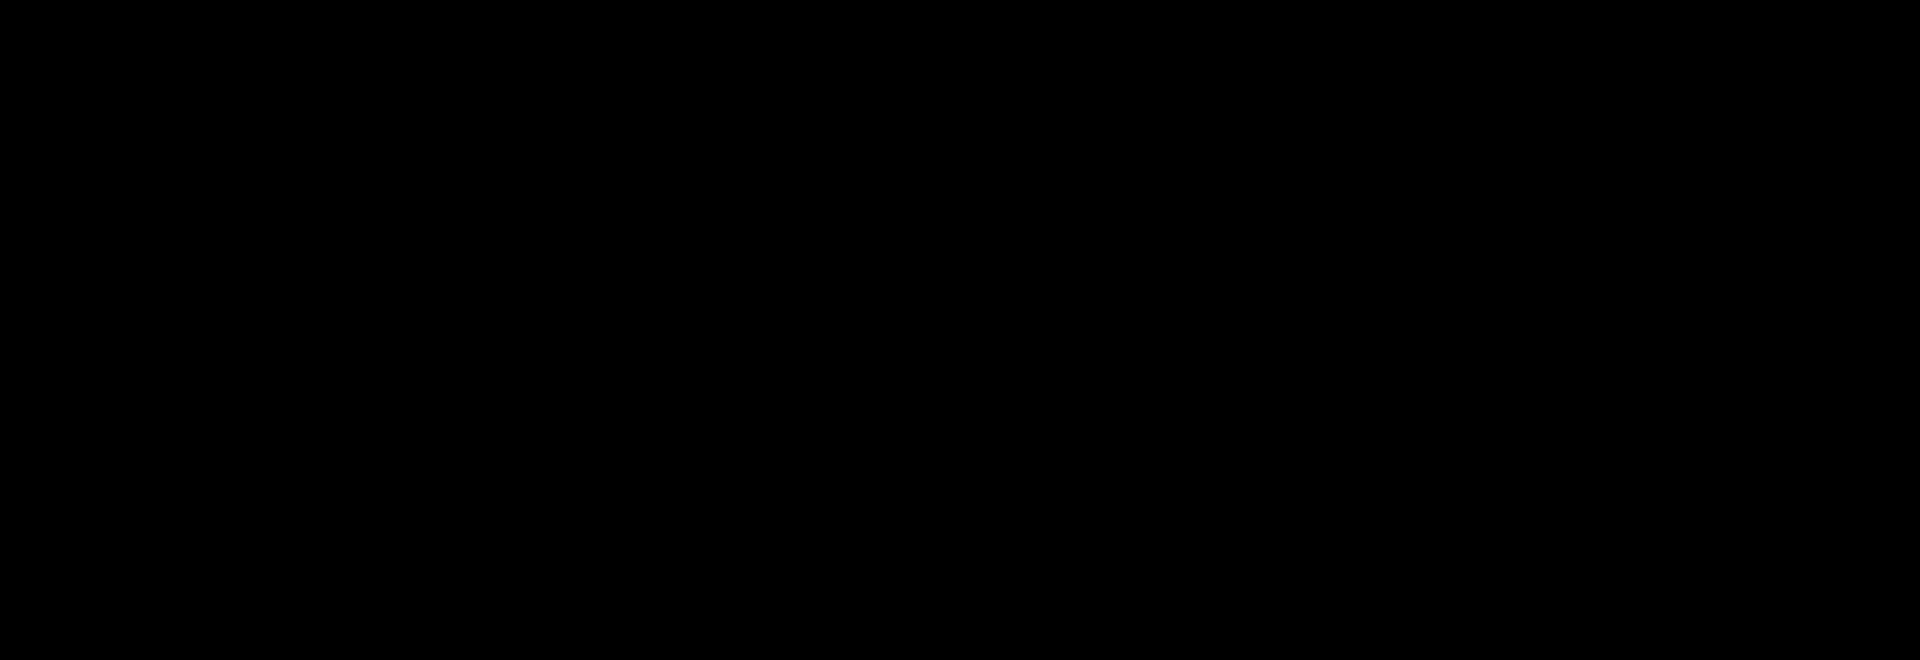 3a g.